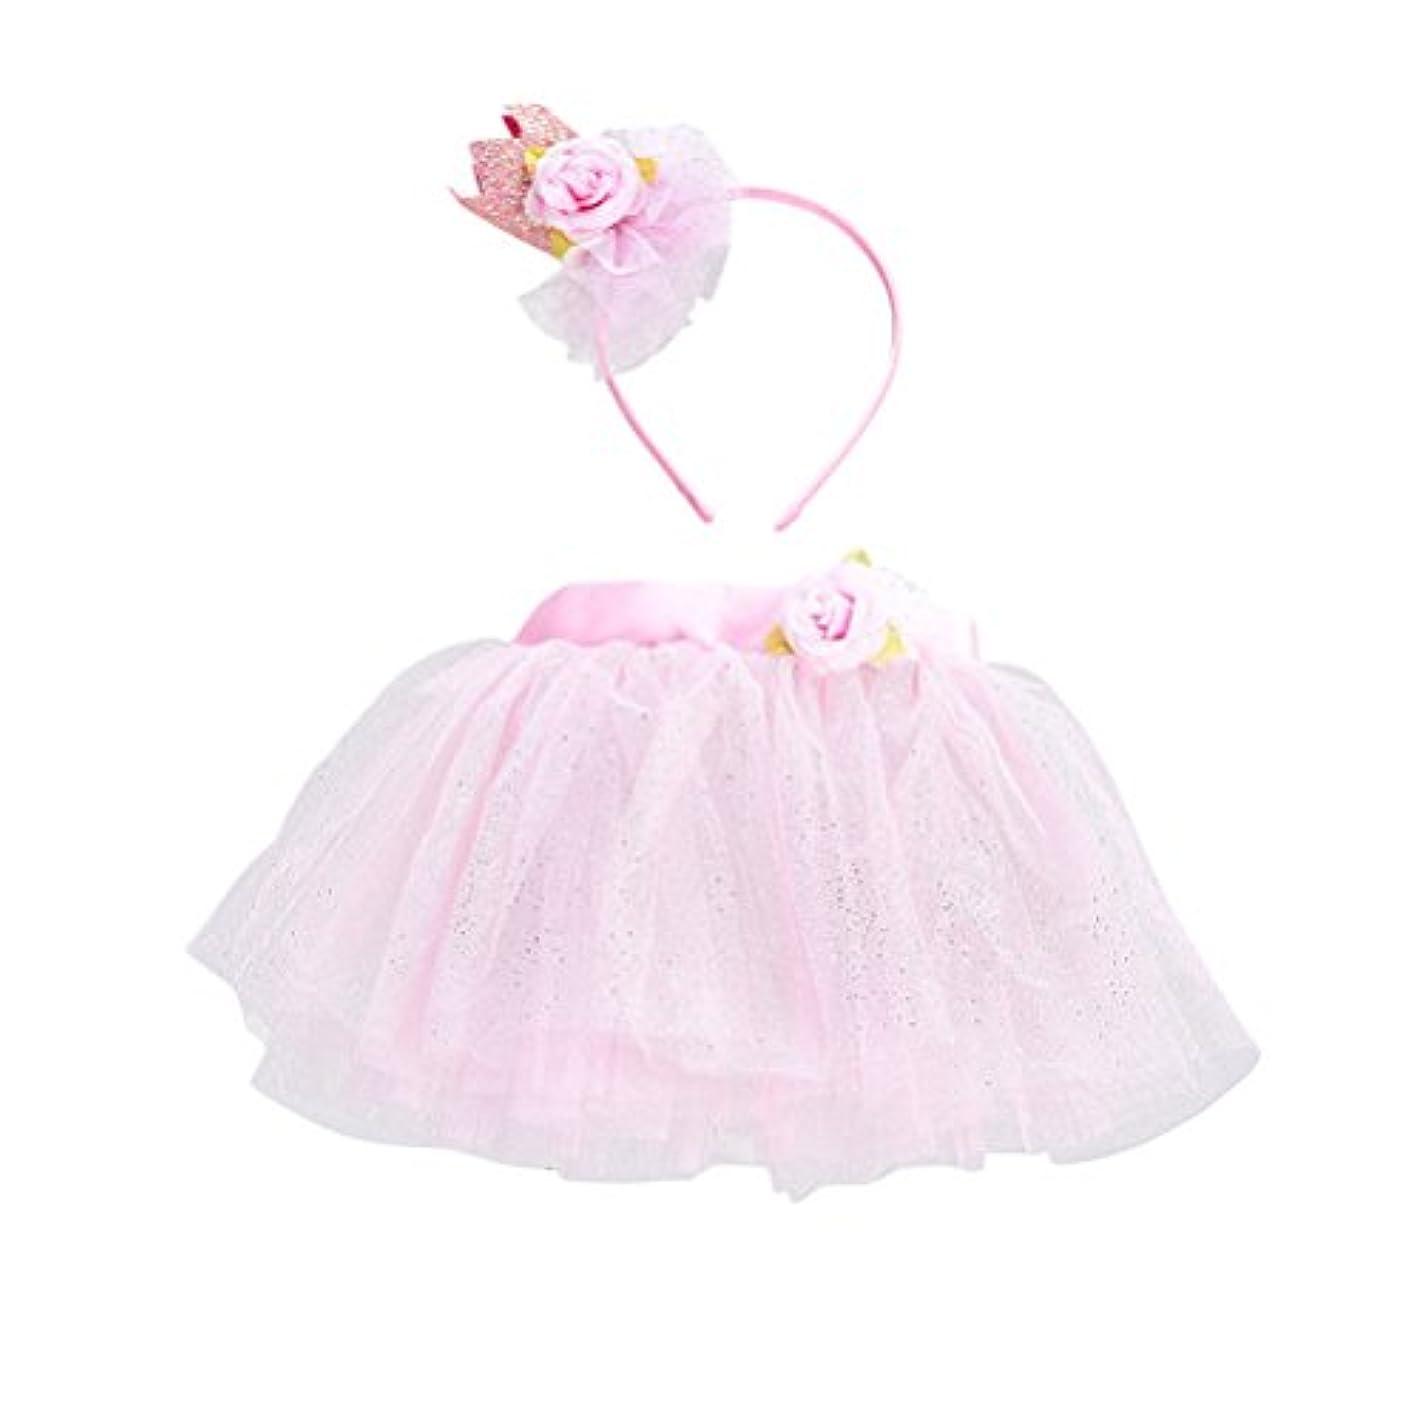 童謡スズメバチ精査LUOEM 女の子TutuスカートセットヘッドバンドプリンセスガールTutu服装Baby Girls Birthday Outfit Set(ピンク)